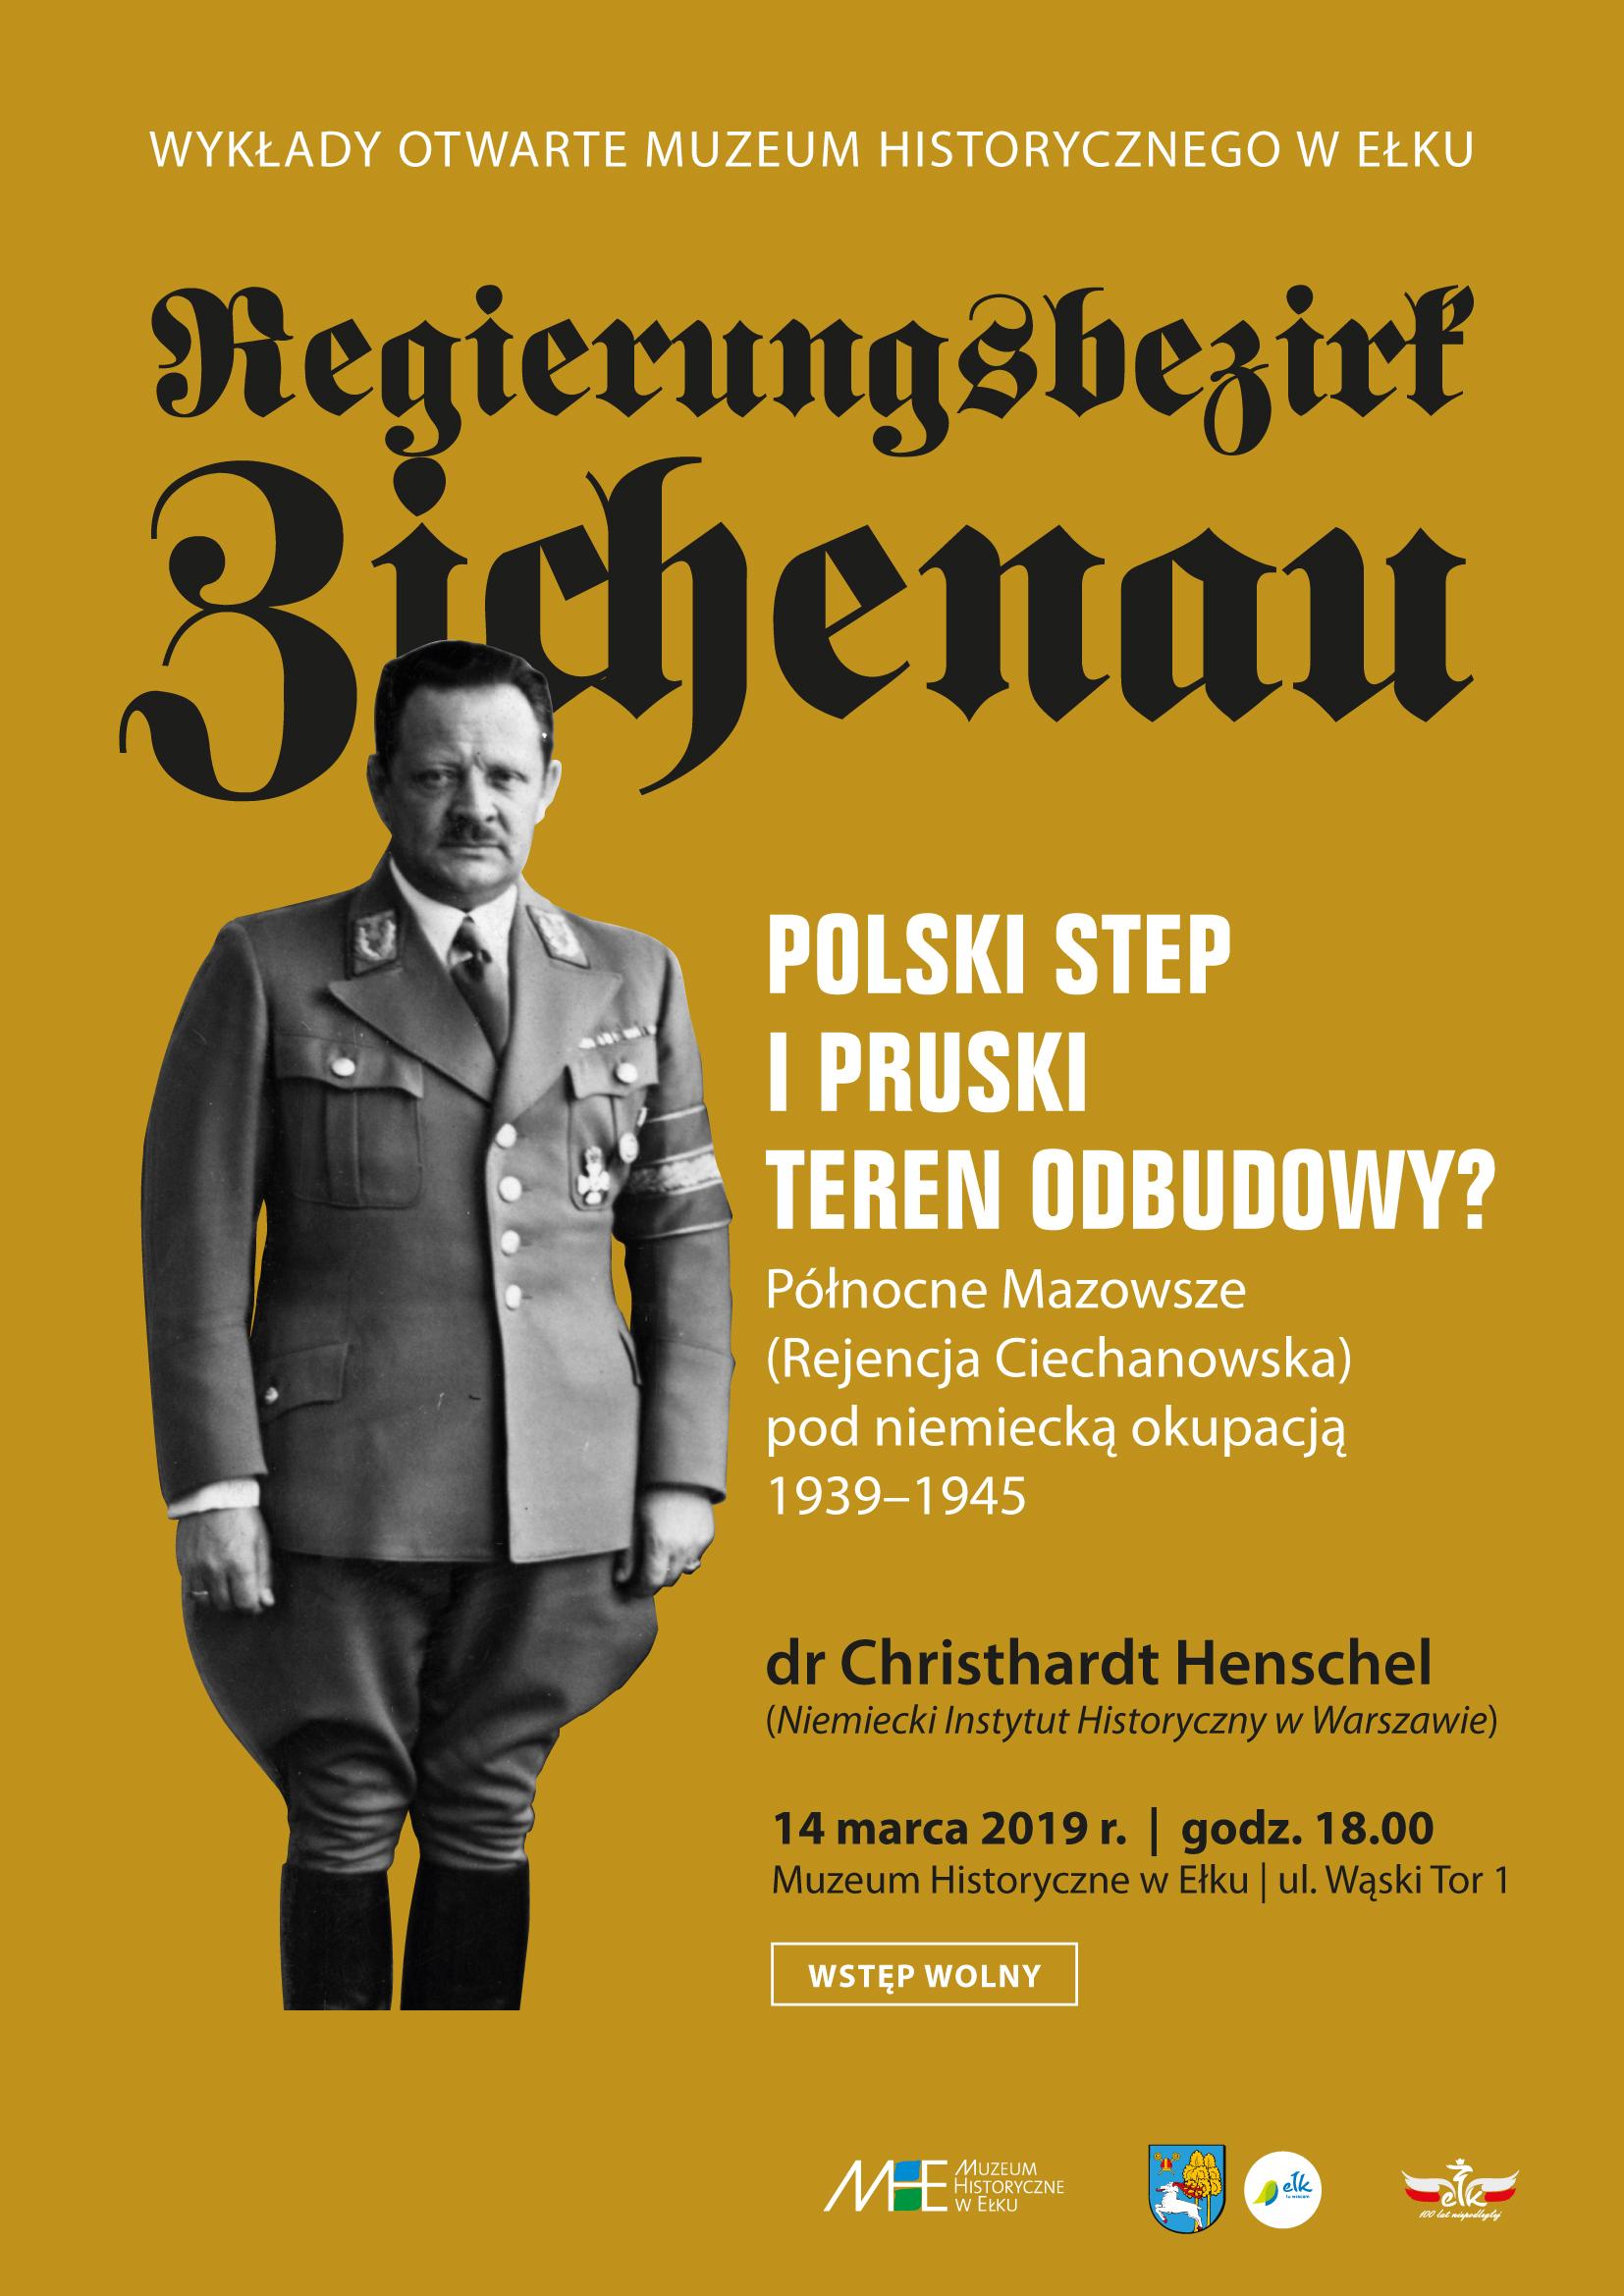 http://m.wm.pl/2019/03/orig/2019-plakat-a4-mhe-henscheli-534349.jpg